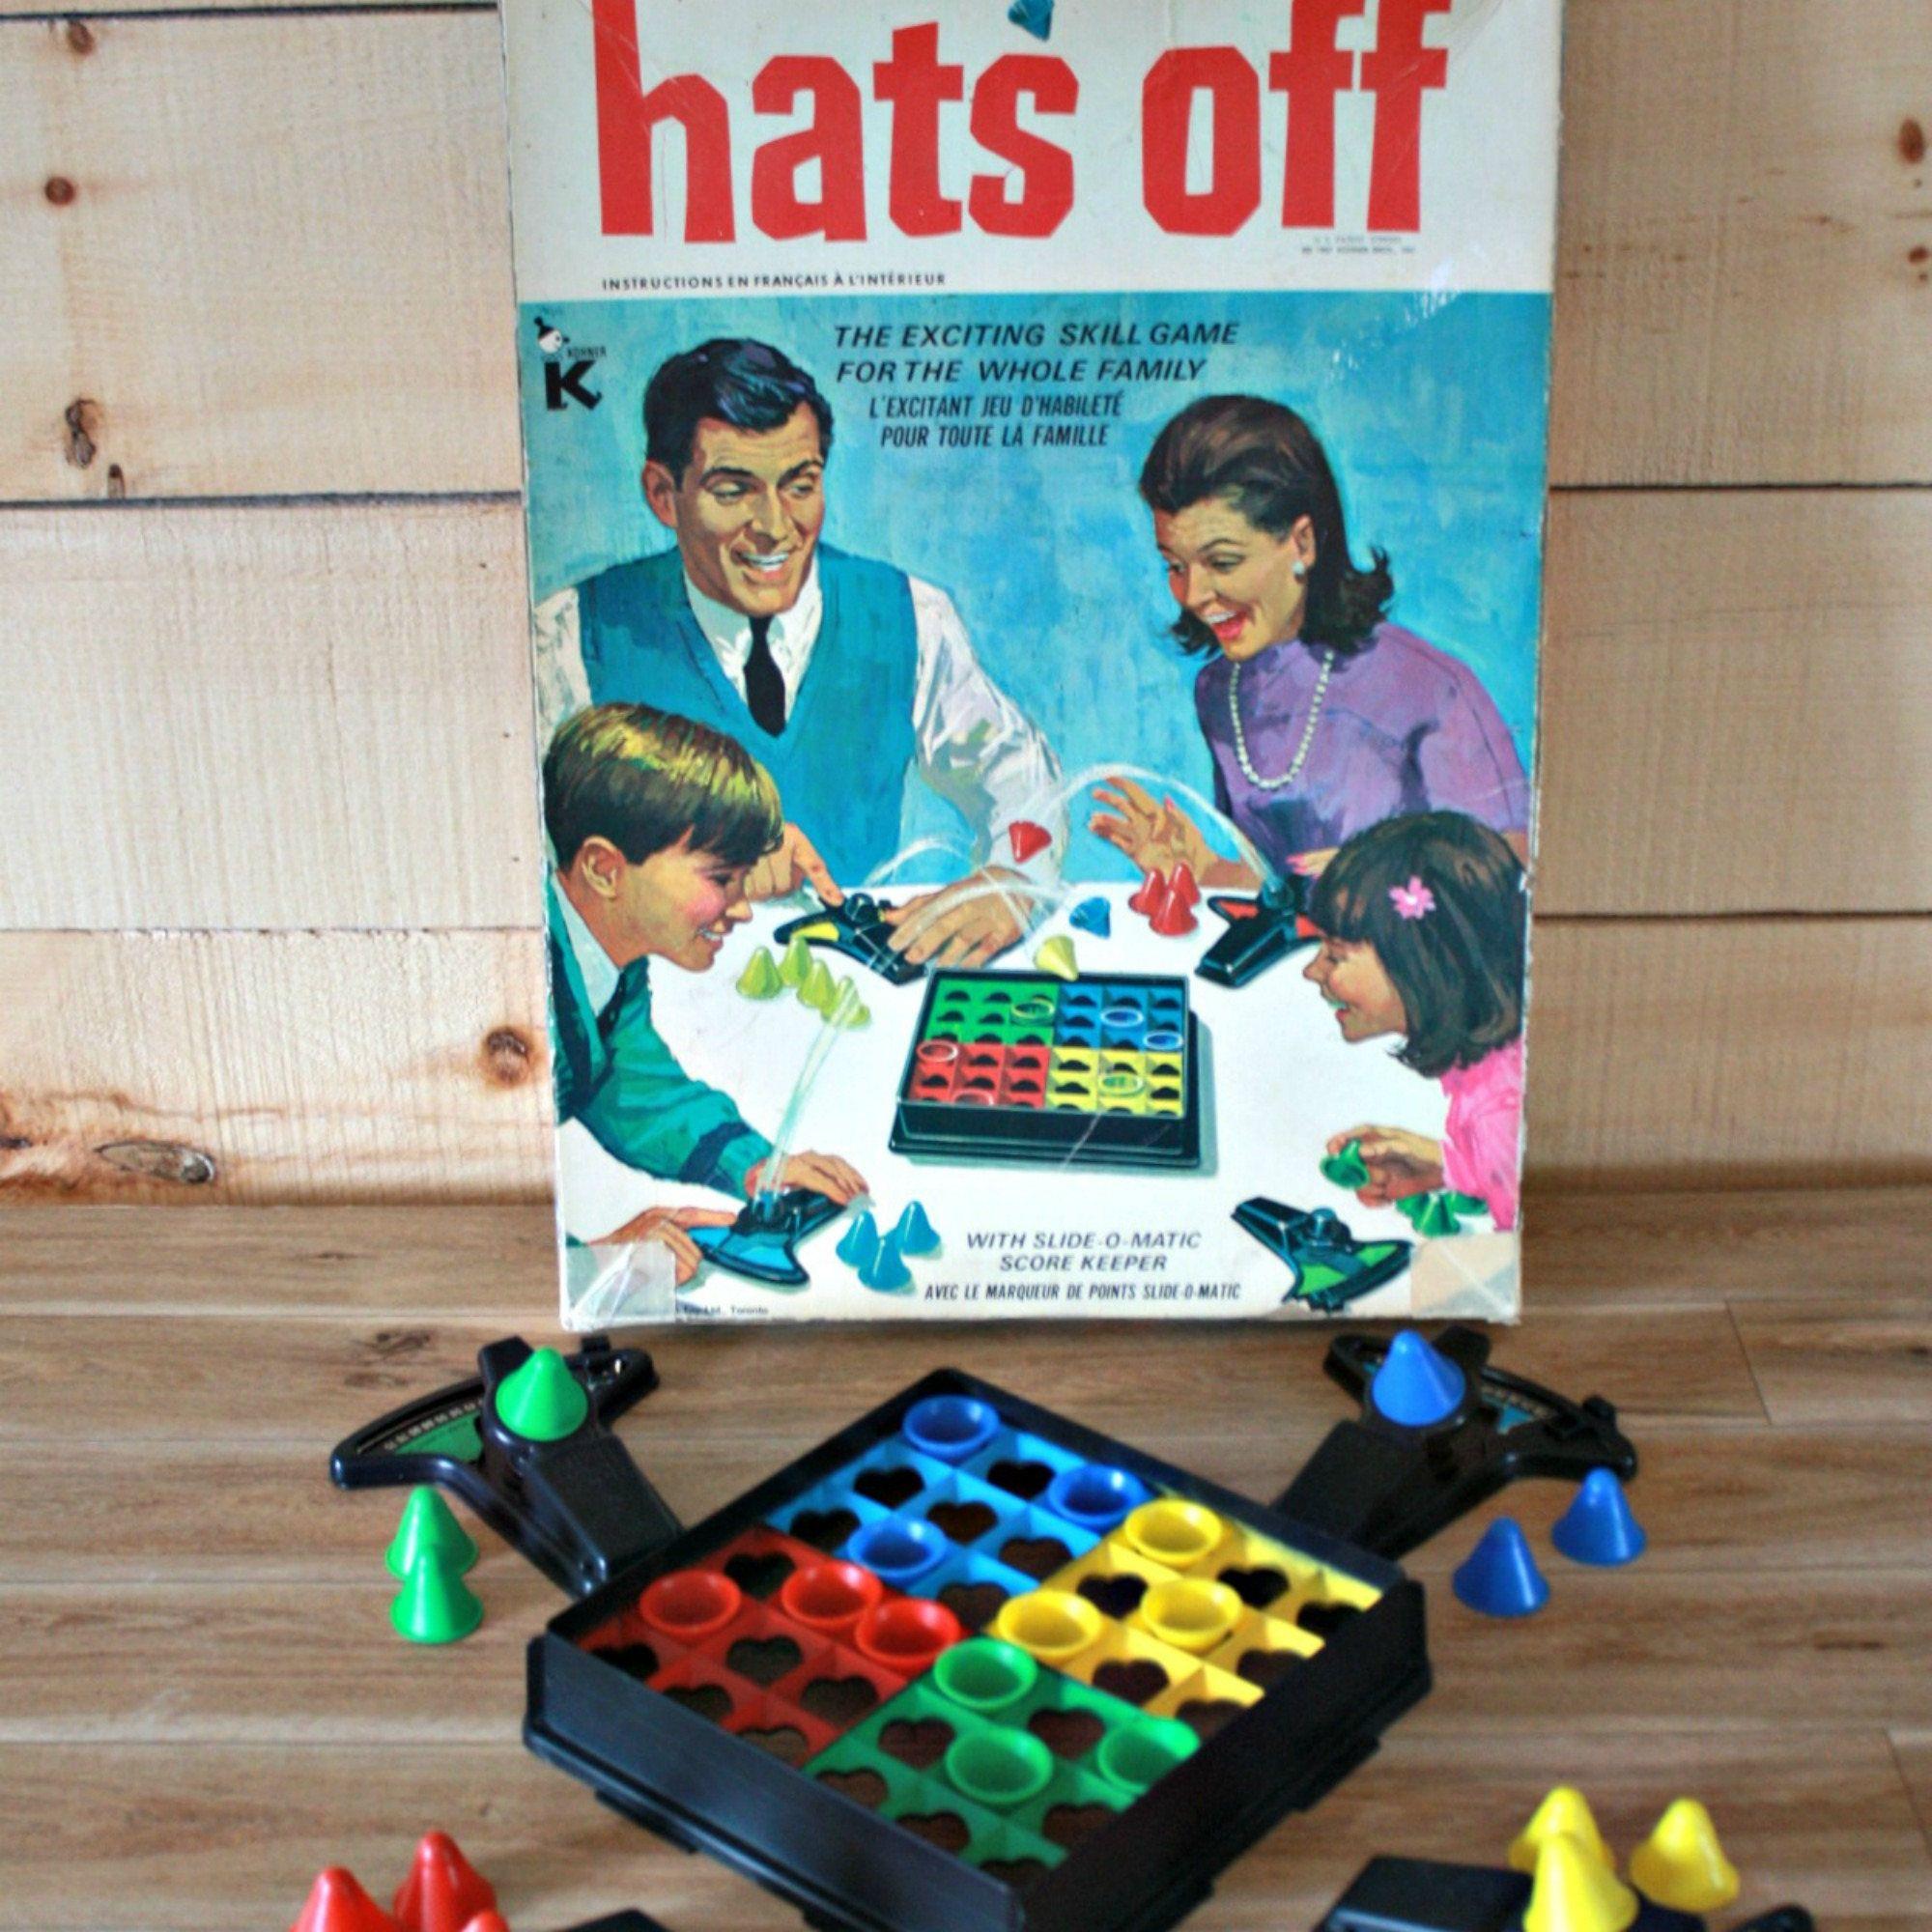 hats off de 1967 jouet 1960 kohner bros